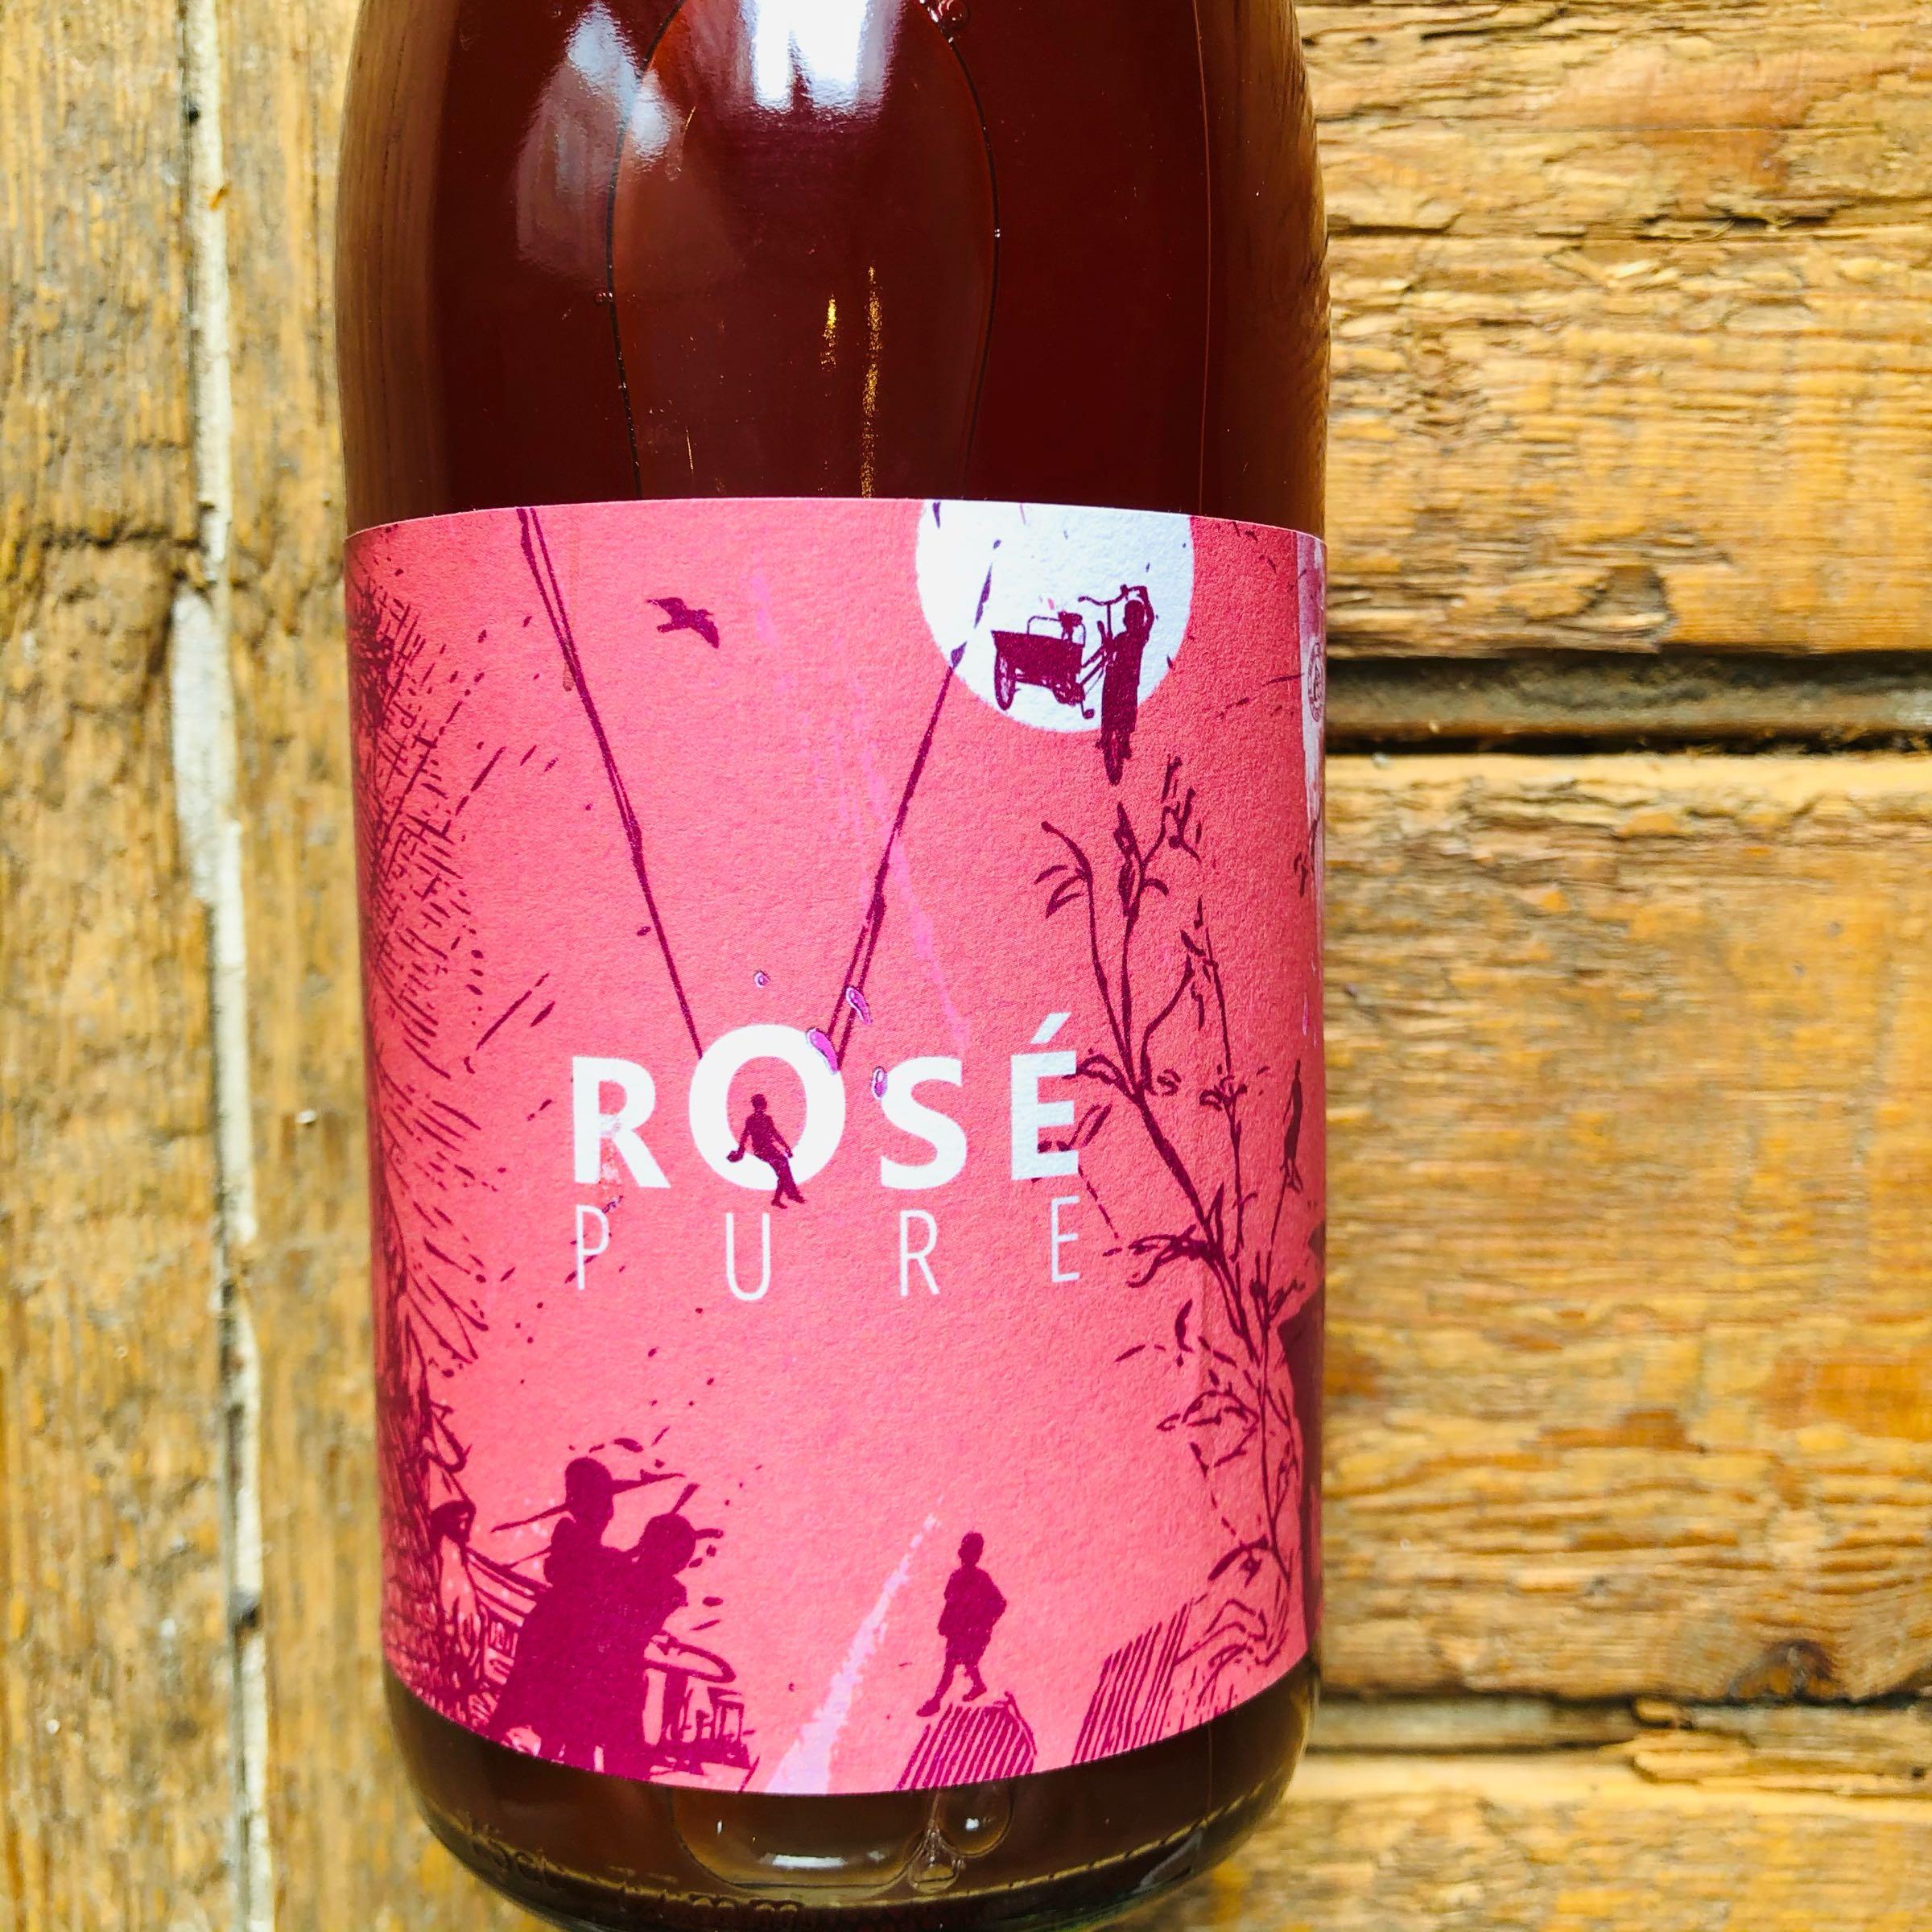 Bergdoll Rosé Pure 2019